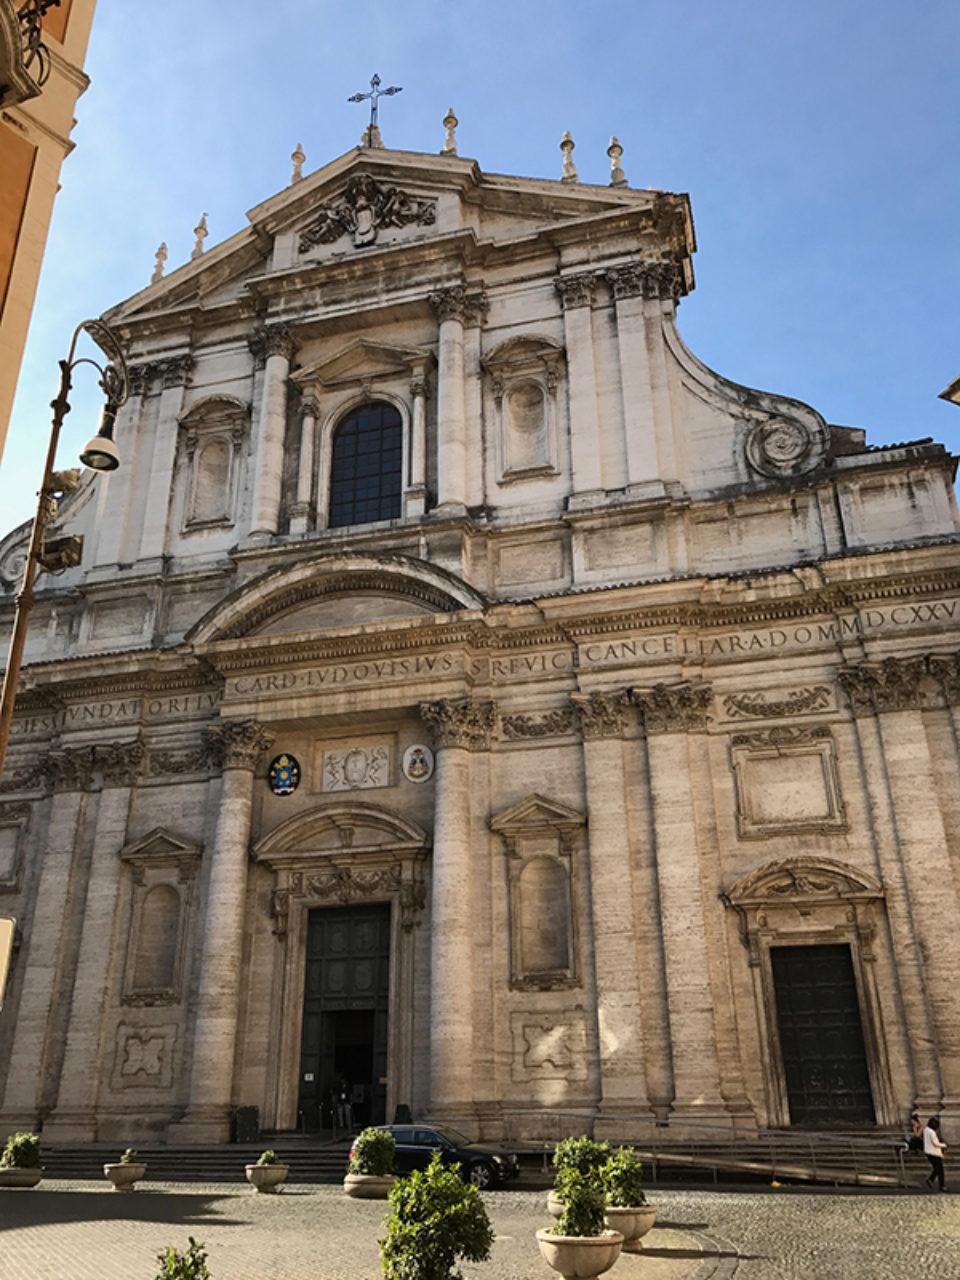 Piazza Sant'Ignazio in Rome